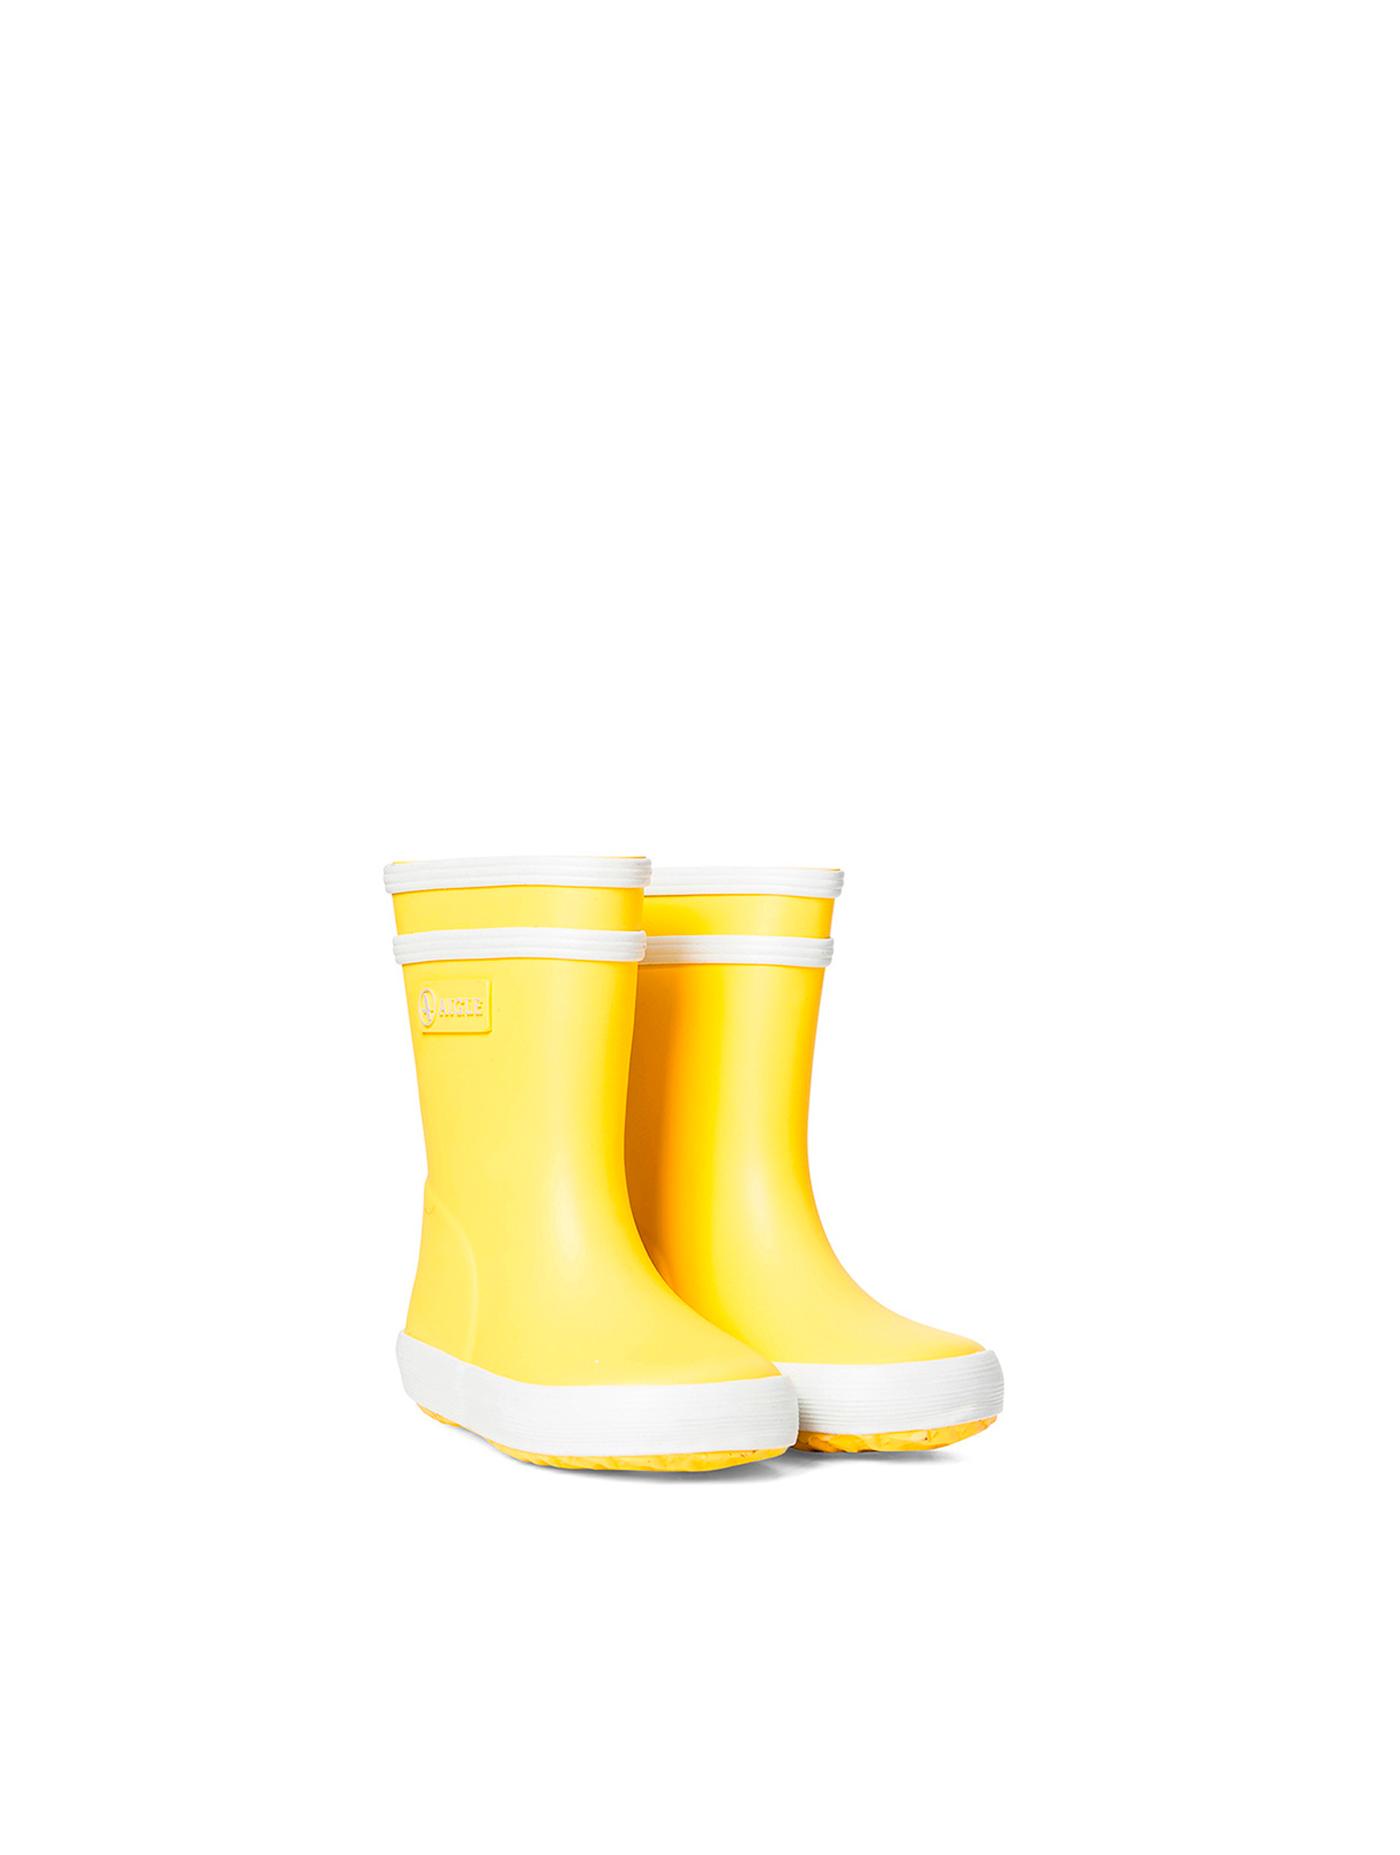 Bottes fourrées de pluie pour les tout petits Baby